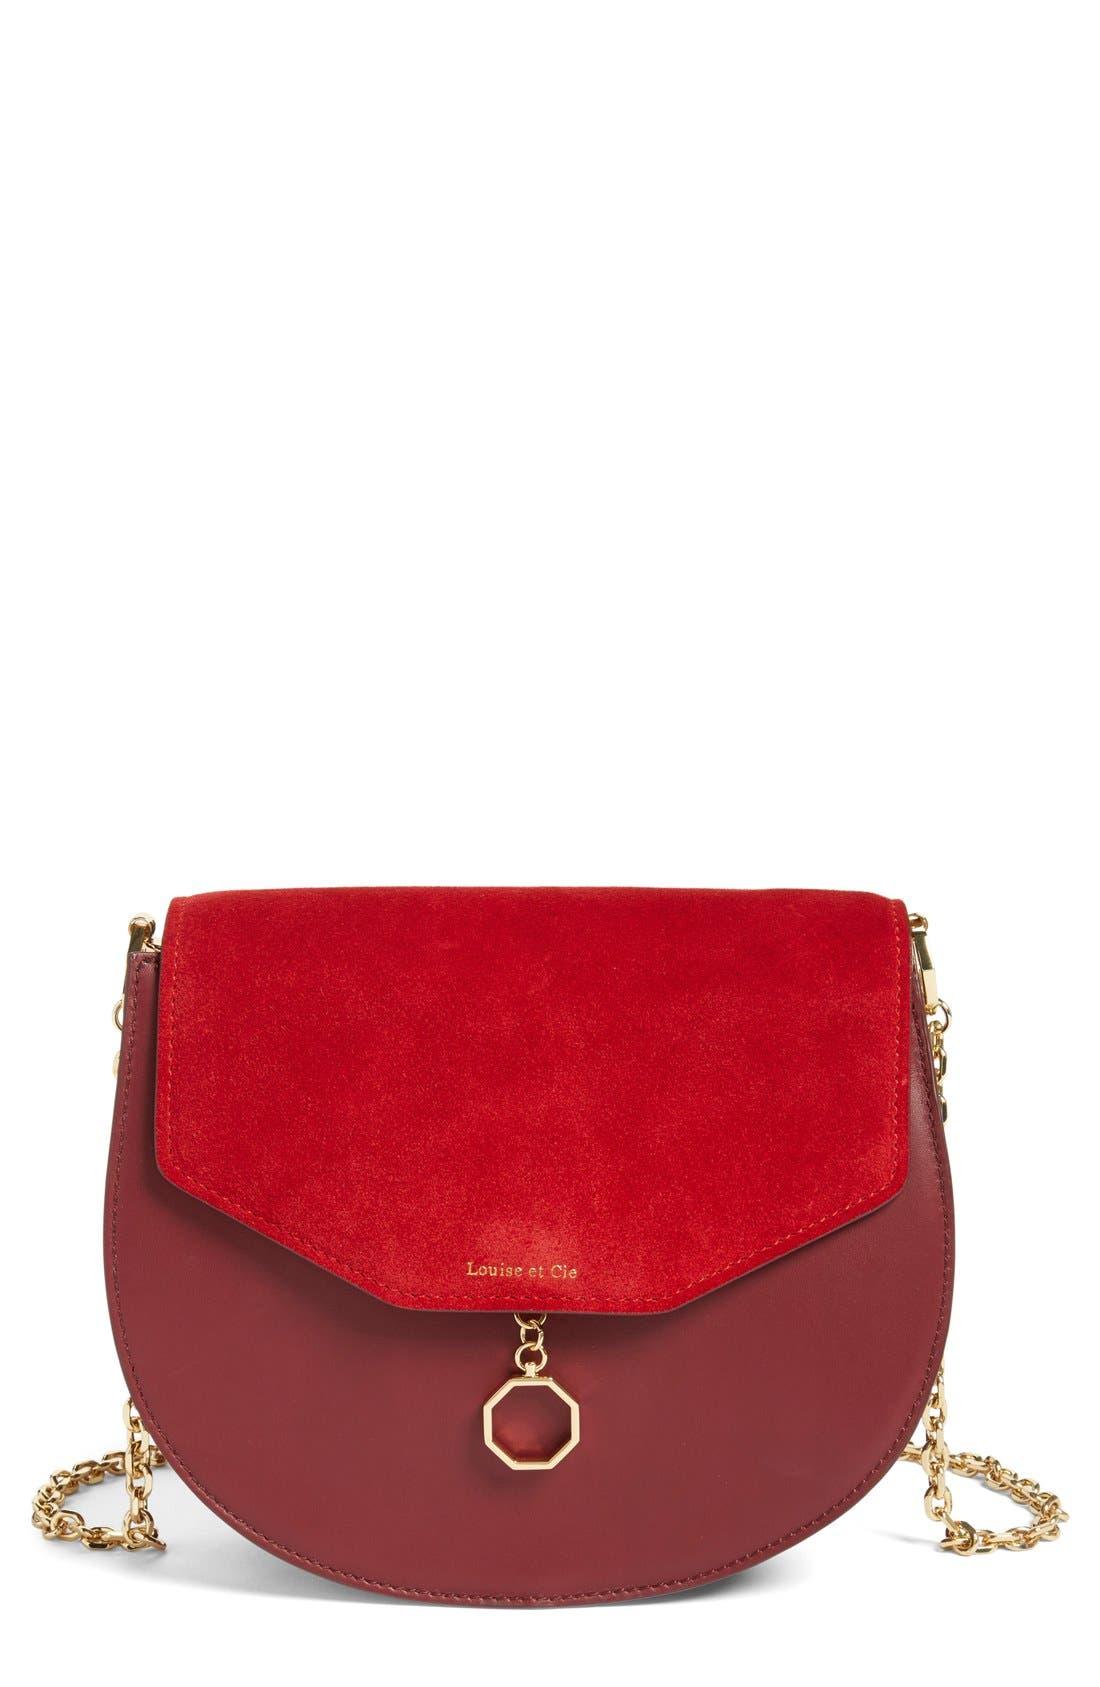 Alternate Image 1 Selected - Louise et Cie 'Jael' Suede & Leather Shoulder Bag